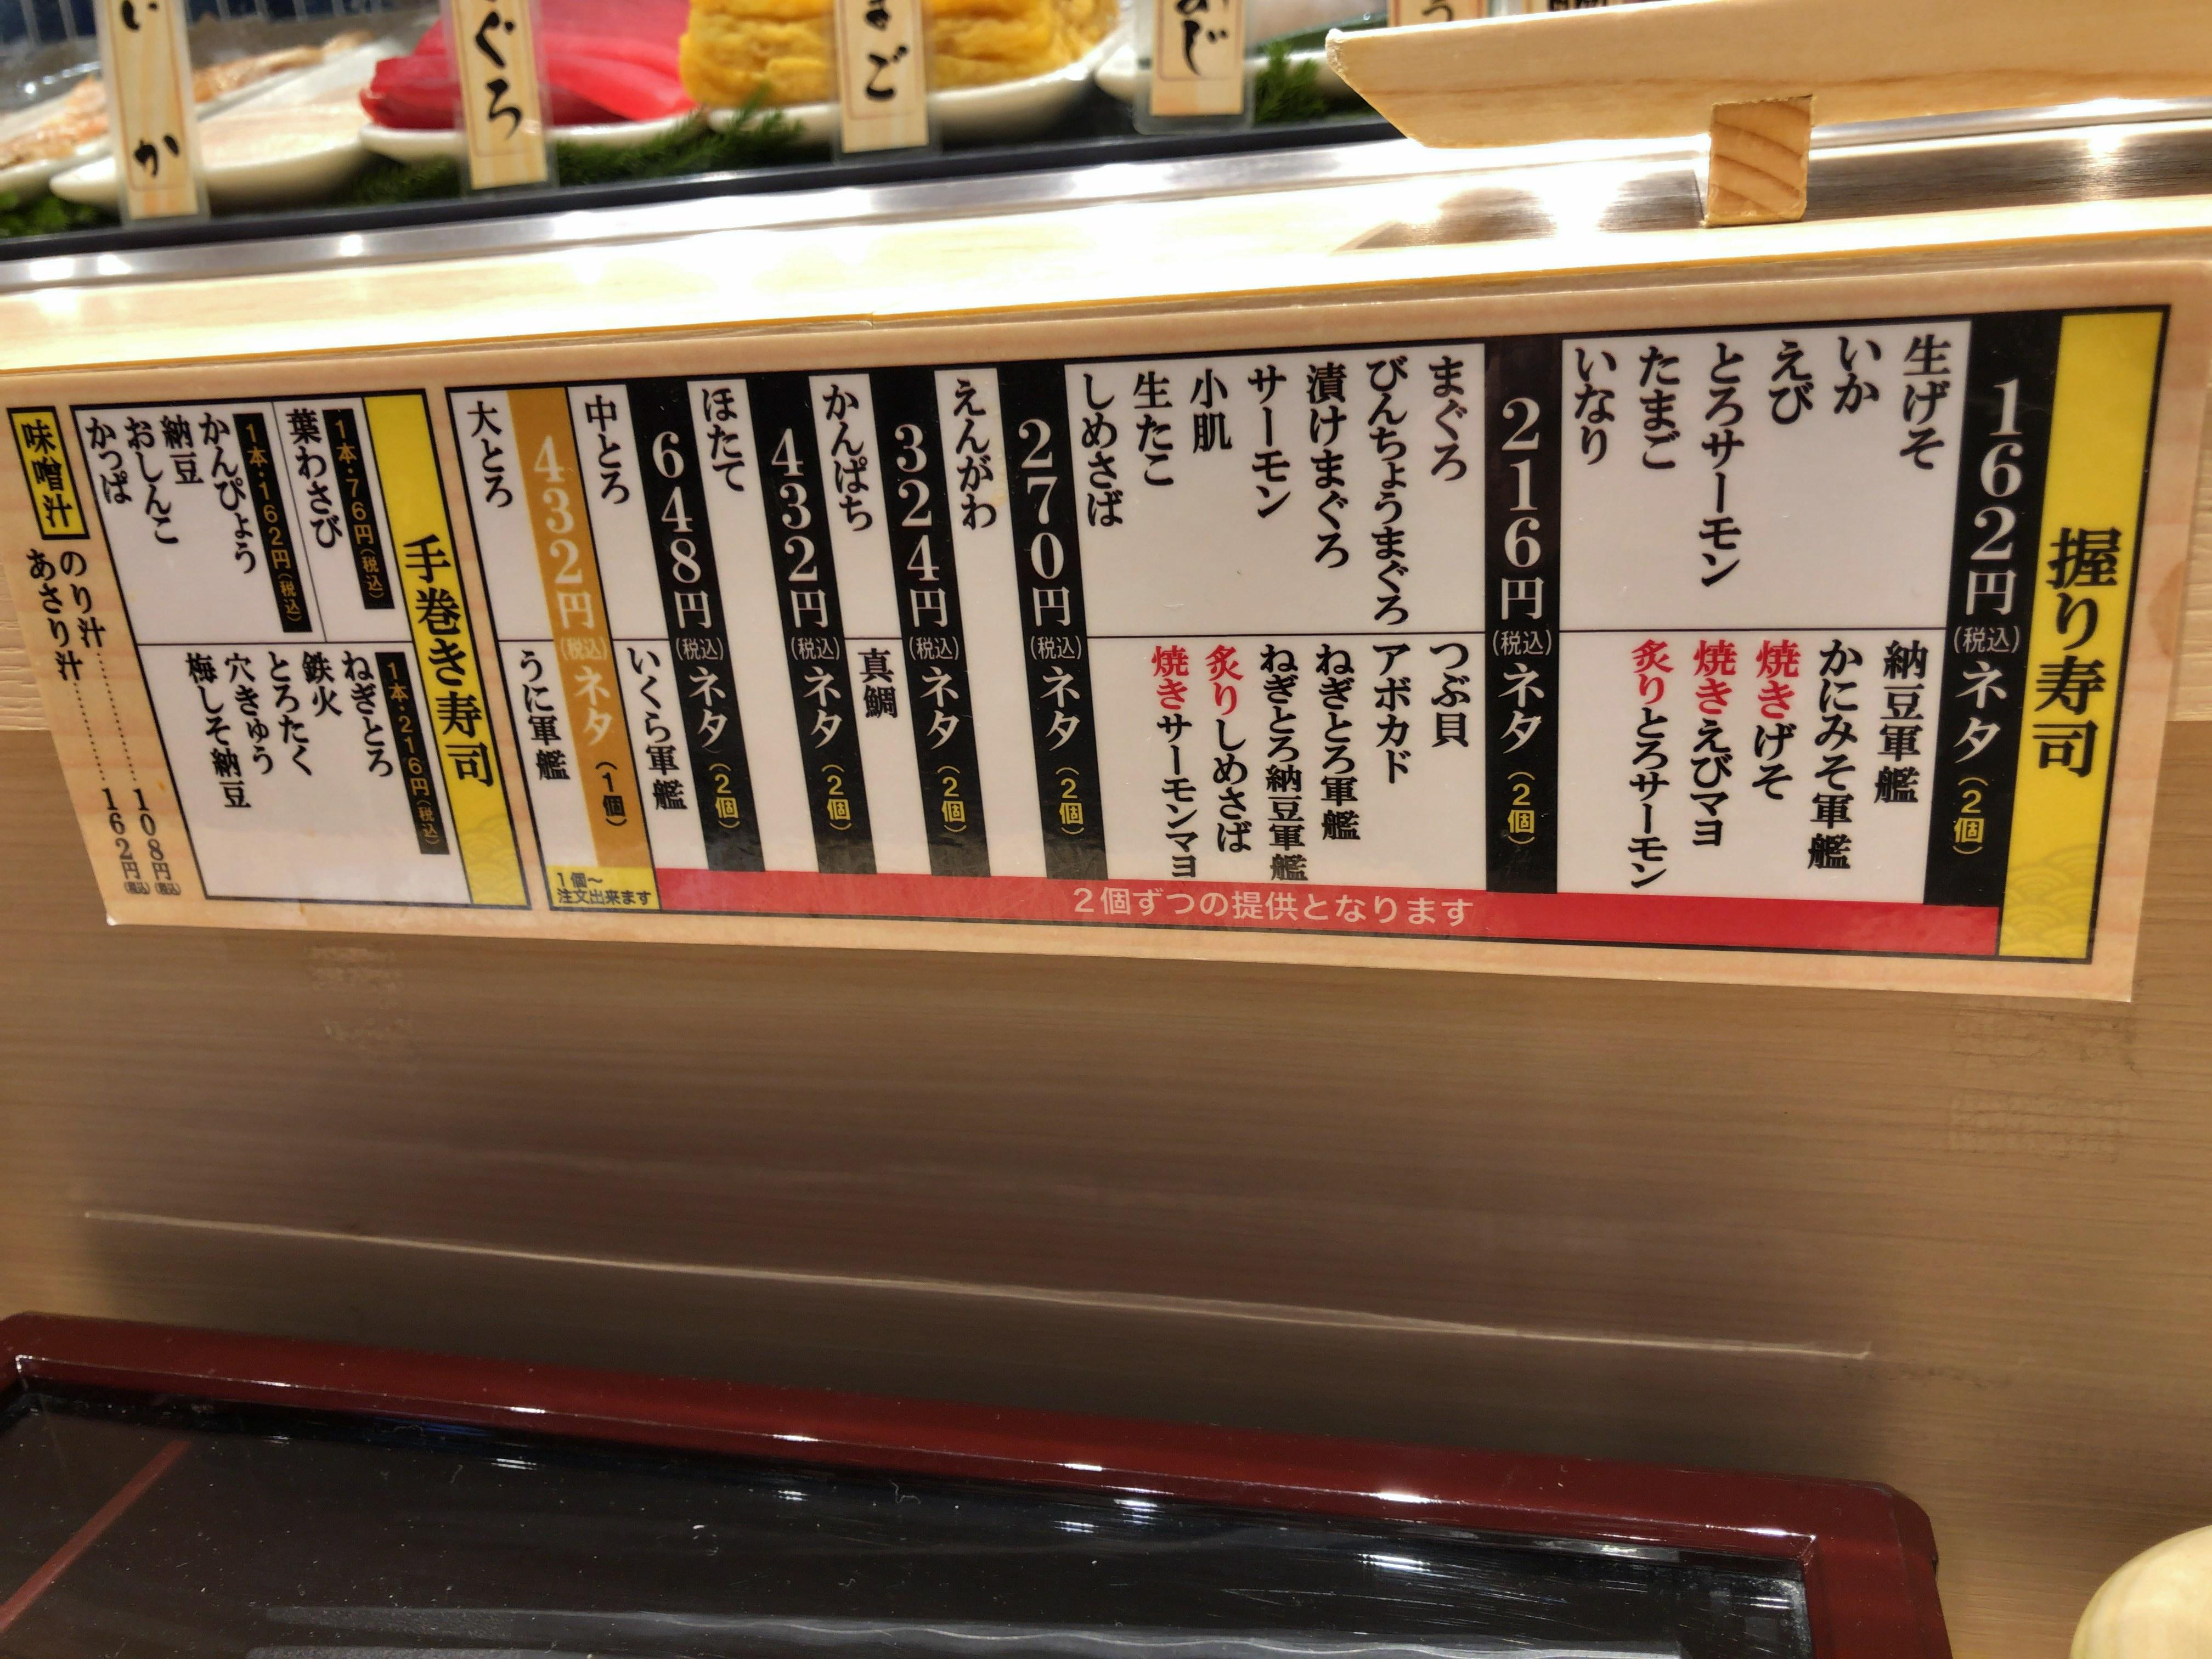 uogasinihoniti-menu